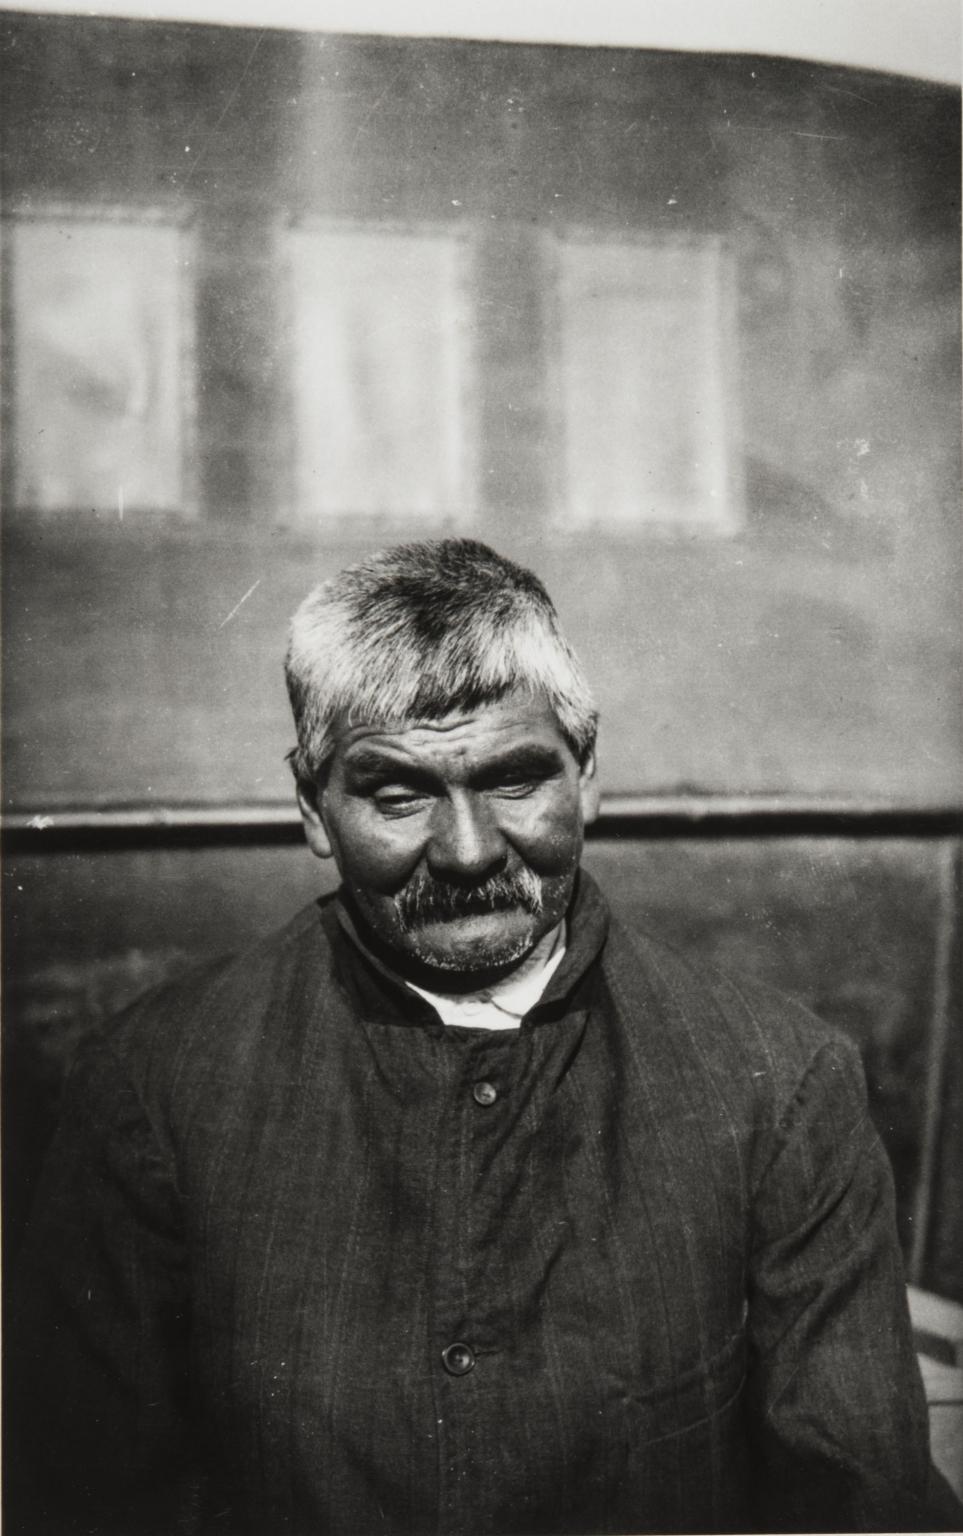 Juan Justo, son of Justo and Cecilia : ca. 1913.